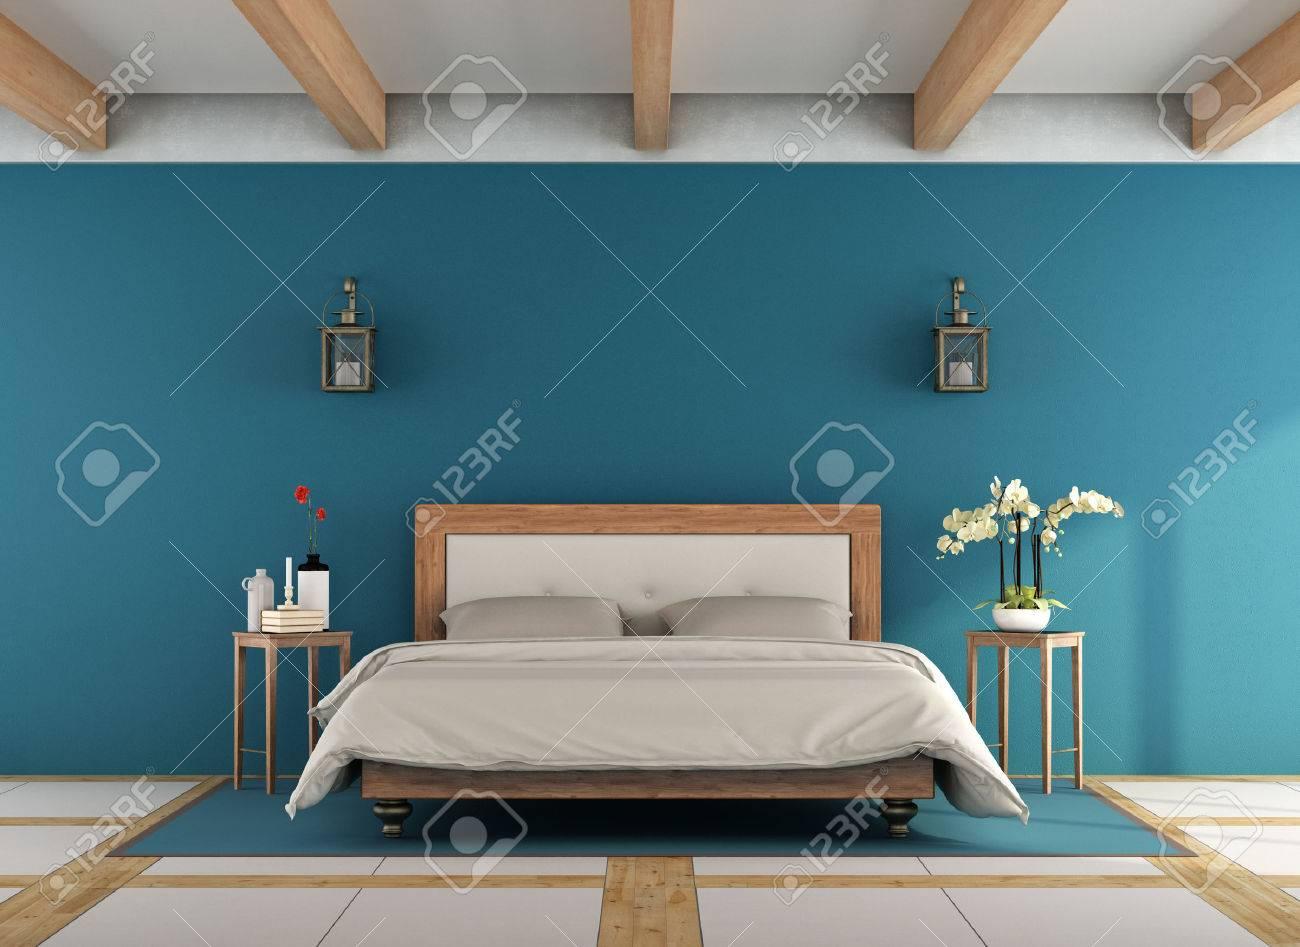 Classico blu camera da letto con retrò letto matrimoniale in legno -  rendering 3D